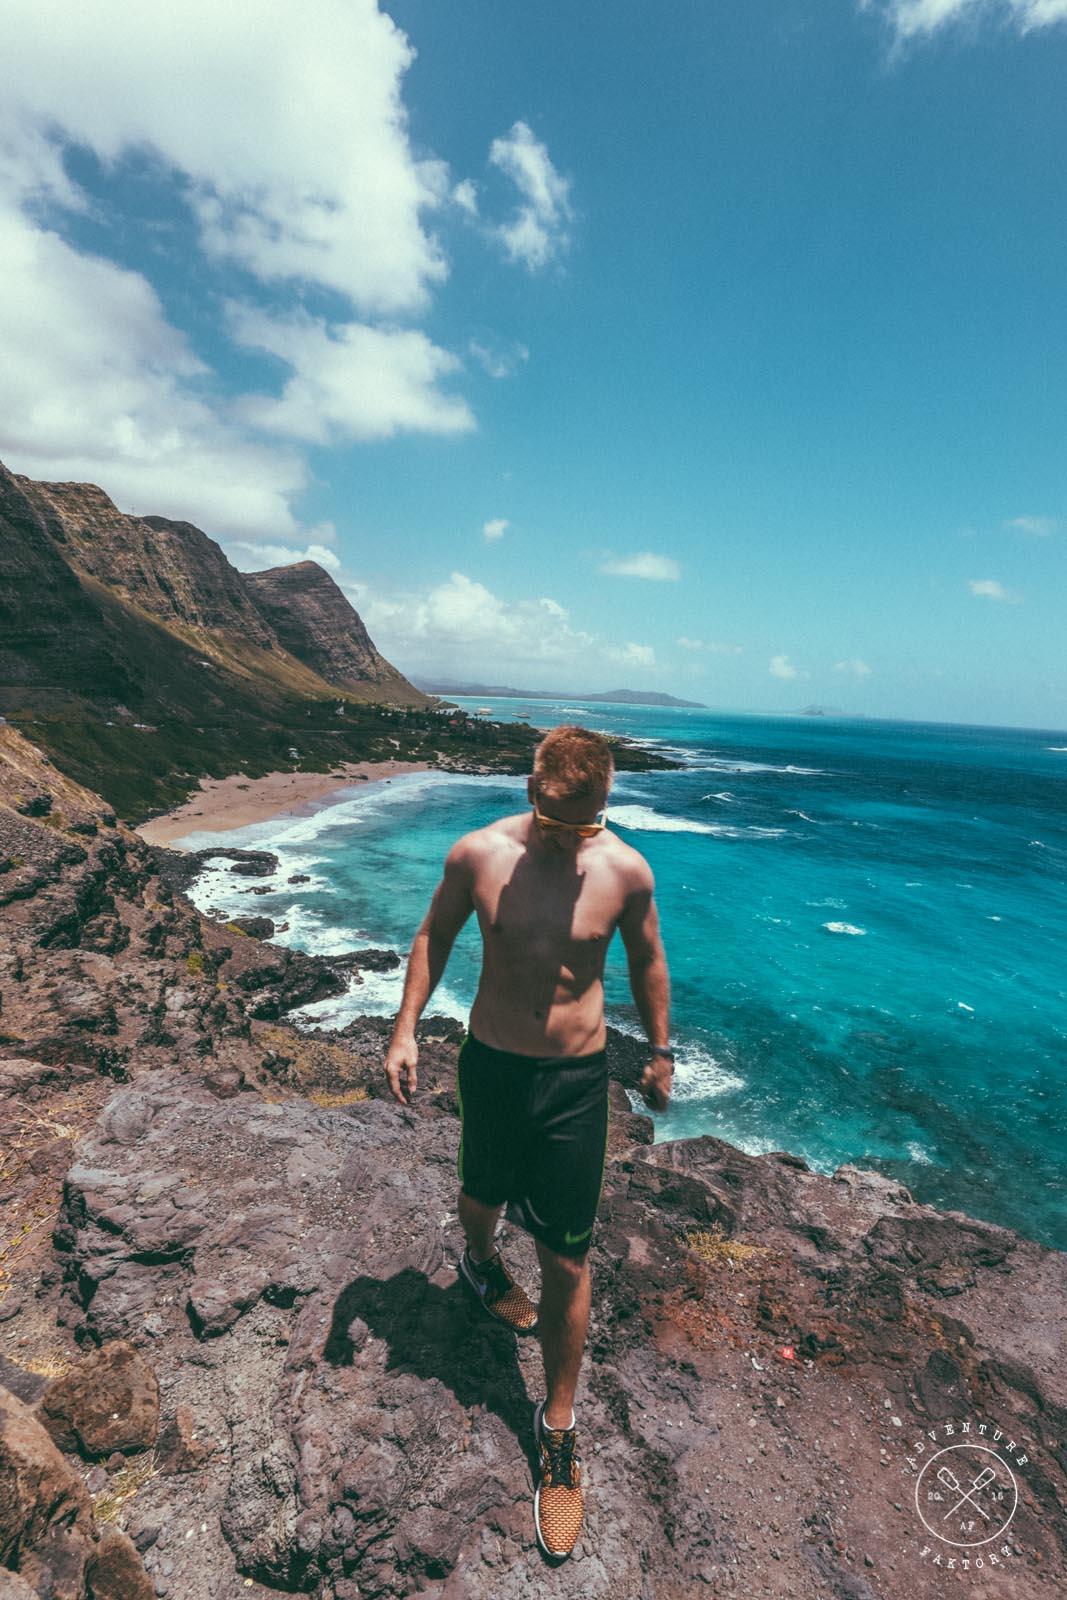 9500 Miramar Rd: Sunset Paradise At Outrigger Reef Waikiki Beach Resort